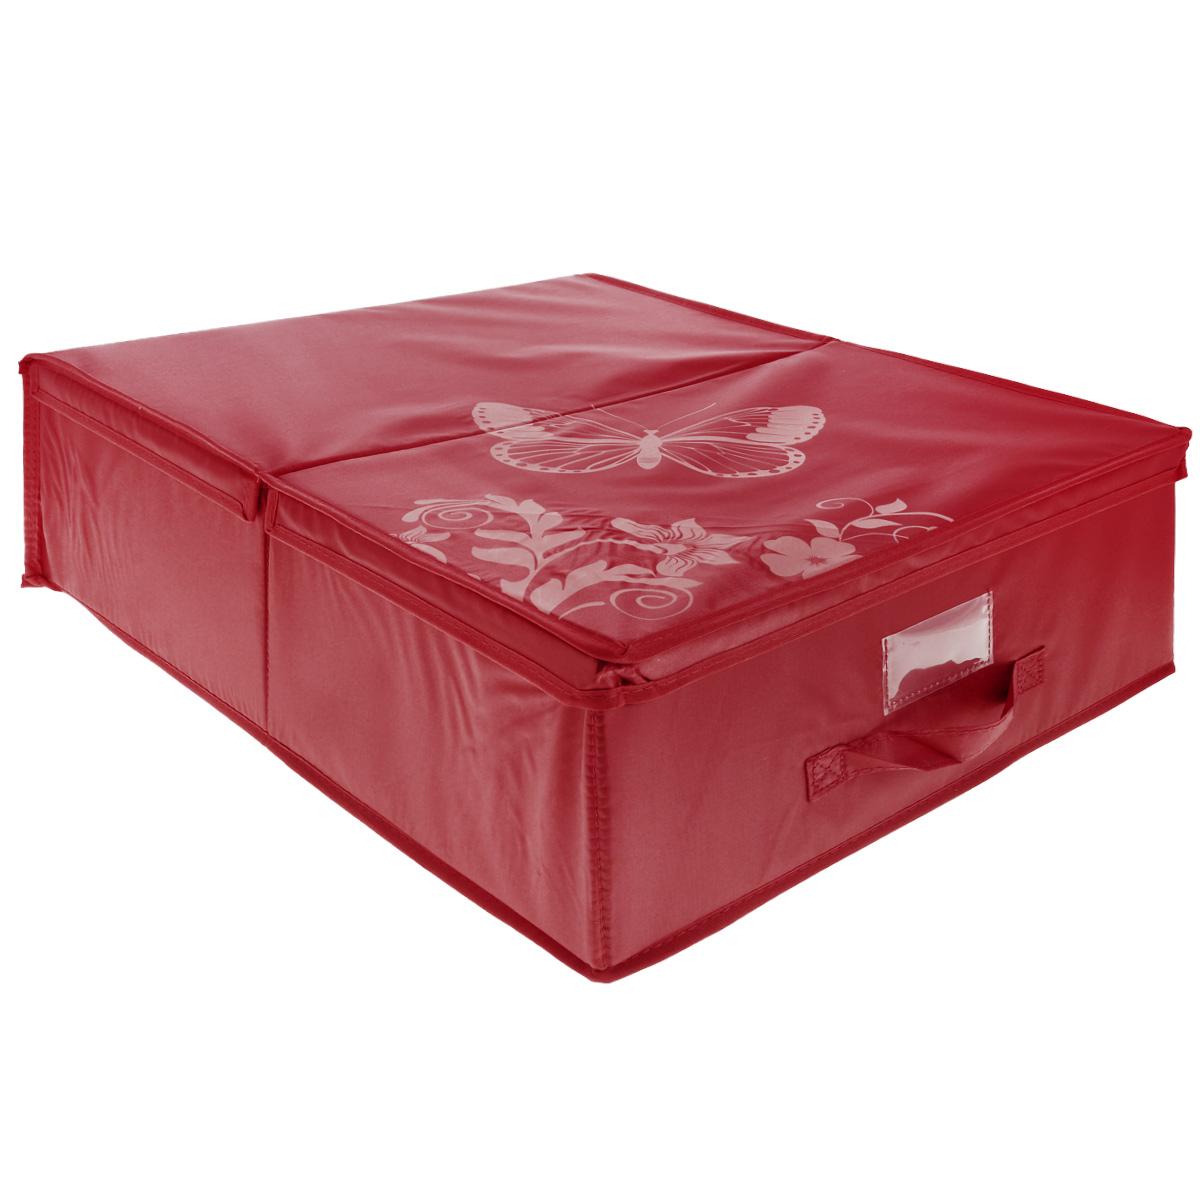 Кофр подкроватный Hausmann Butterfly, цвет: красный, 43 см х 54 см х 18 см4P-103-4СПодкроватный кофр для хранения Hausmann Butterfly поможет легко организовать пространство в шкафу или в гардеробе, компактные формы позволяют хранить его под кроватью. Изделие выполнено из нетканого материала и полиэстера с защитой от пыли. Кофр держит форму благодаря жесткой вставке из картона, которая устанавливается на дно. Боковая поверхность оформлена красивым принтом и изображением бабочки. Имеется ручка, крышка и прозрачный карман для пометки содержимого. В таком кофре удобно хранить одежду, текстиль и различные аксессуары.